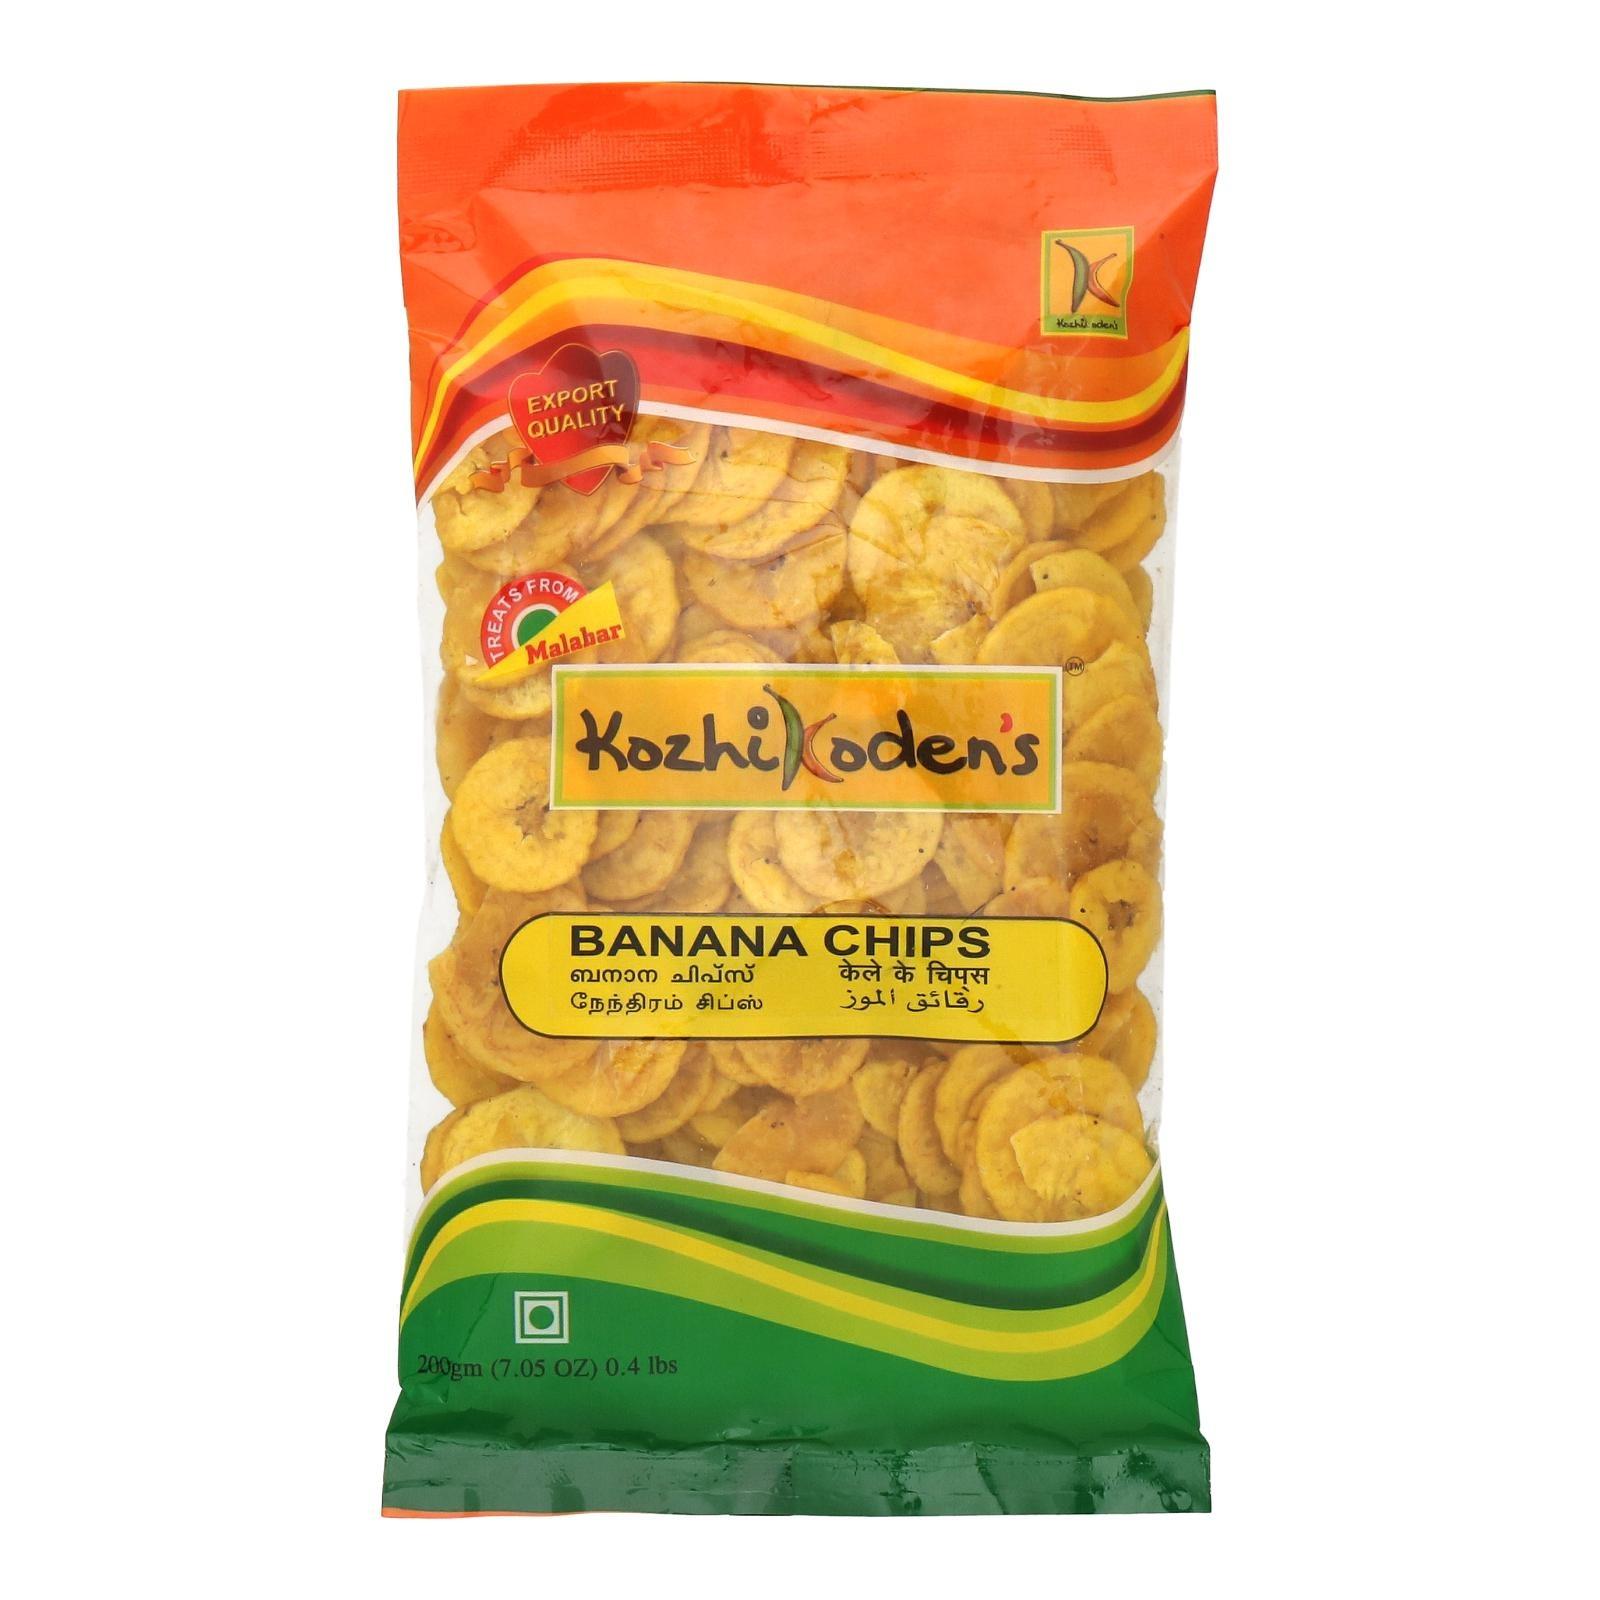 Kozhi Koden's Banana Chips